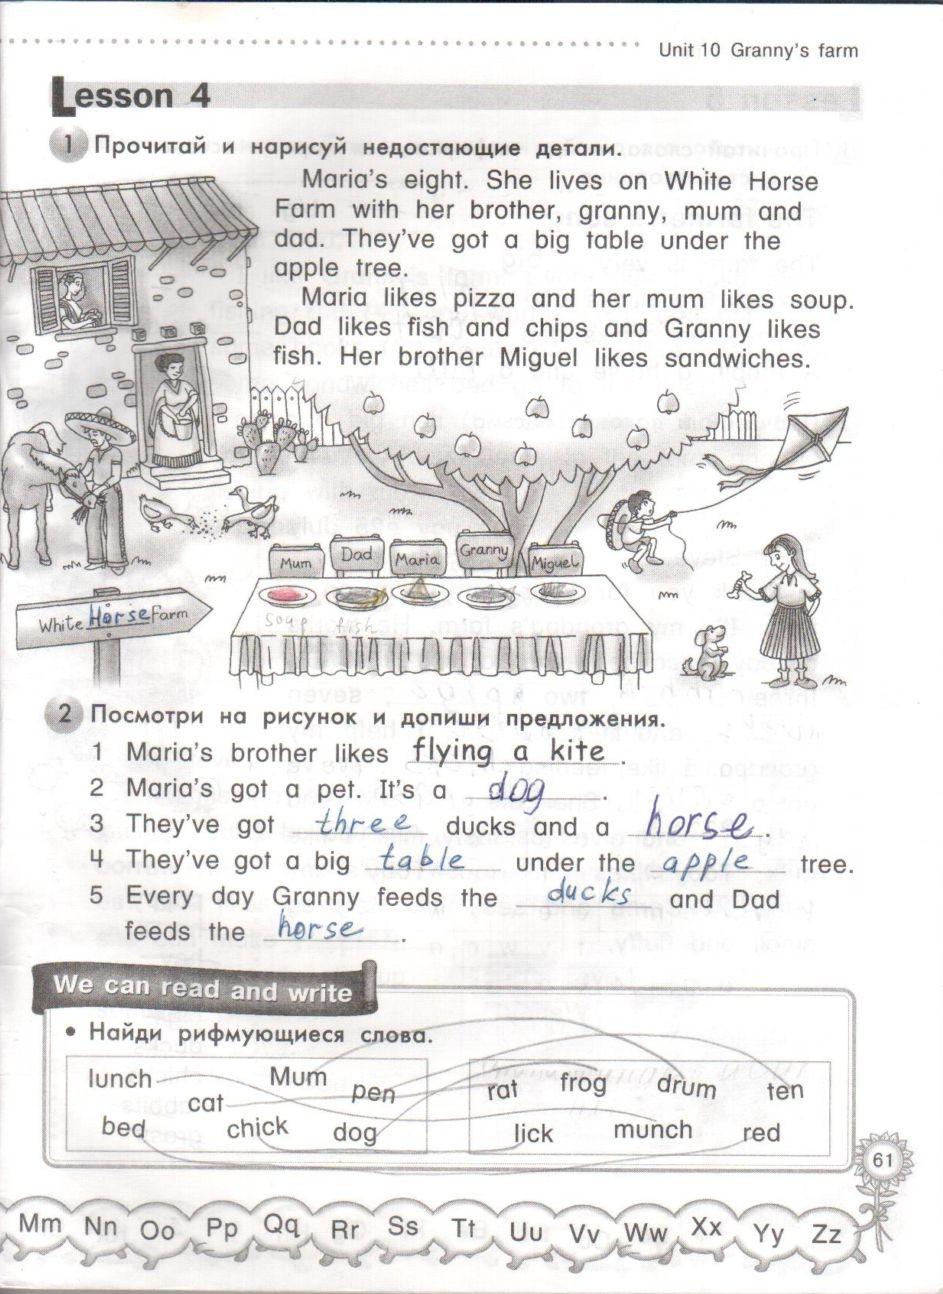 по учебнику класс домашние 4 готовые задания millie